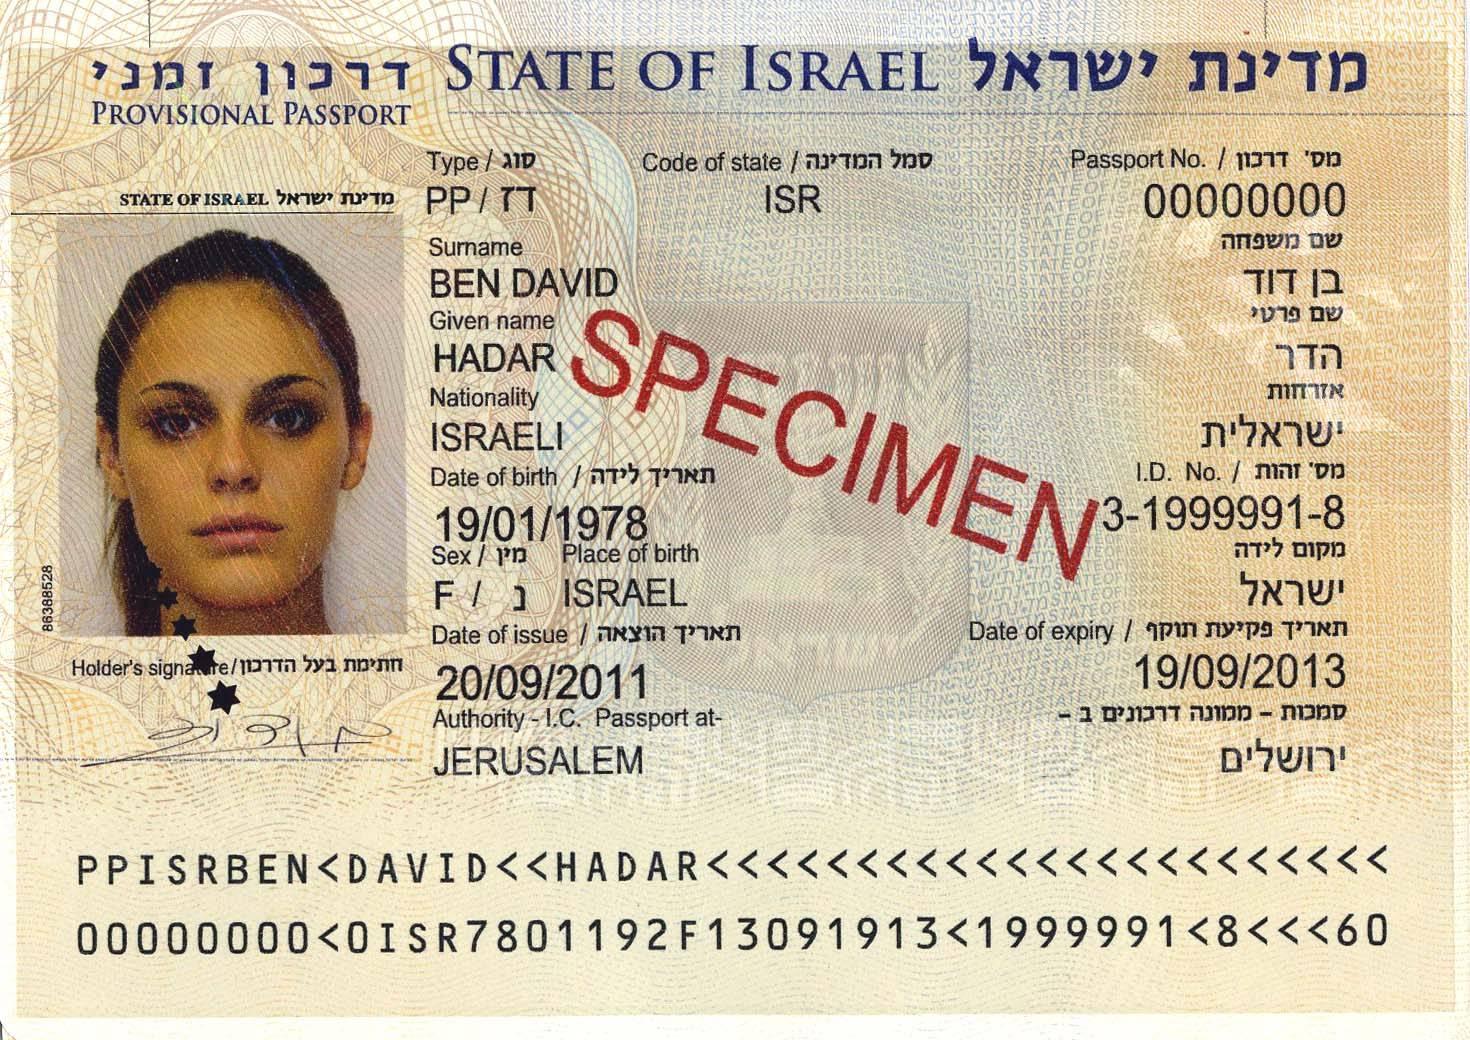 Алия 2020: все самое важное о репатриации в израиль